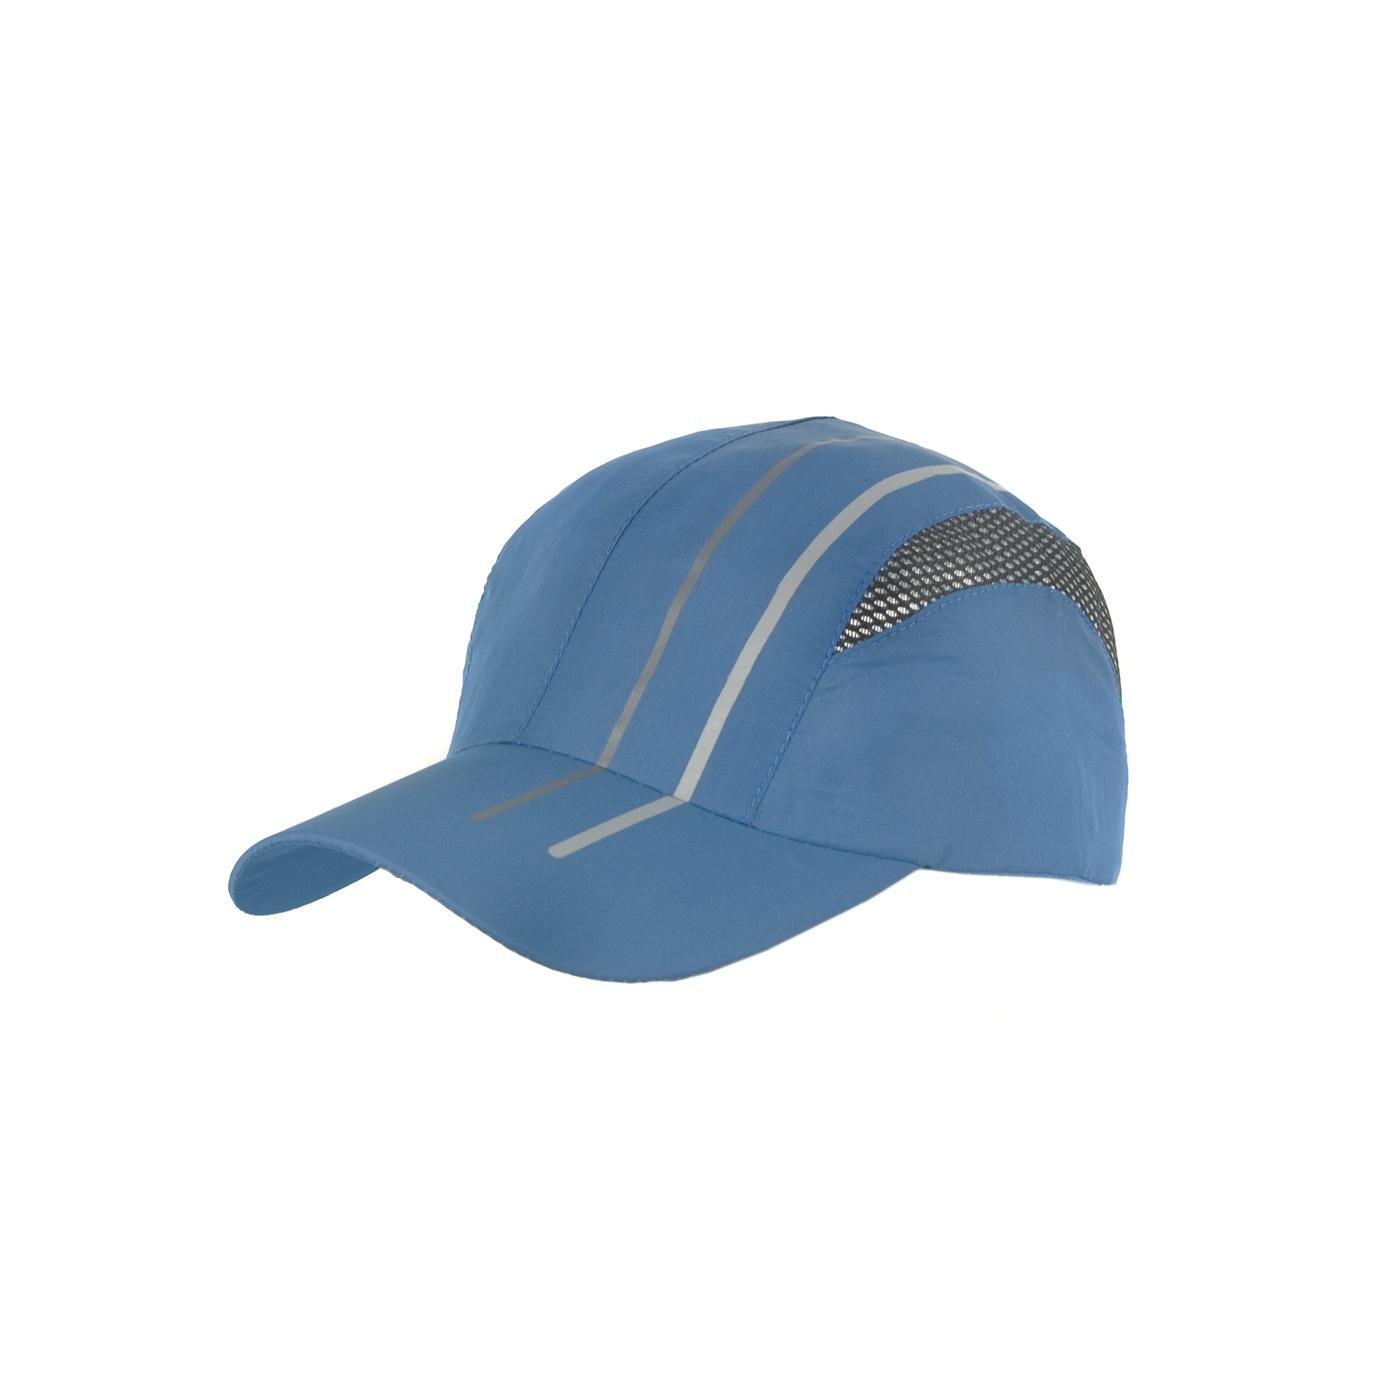 Lekka wentylowana czapka z daszkiem – niebieska z siateczką